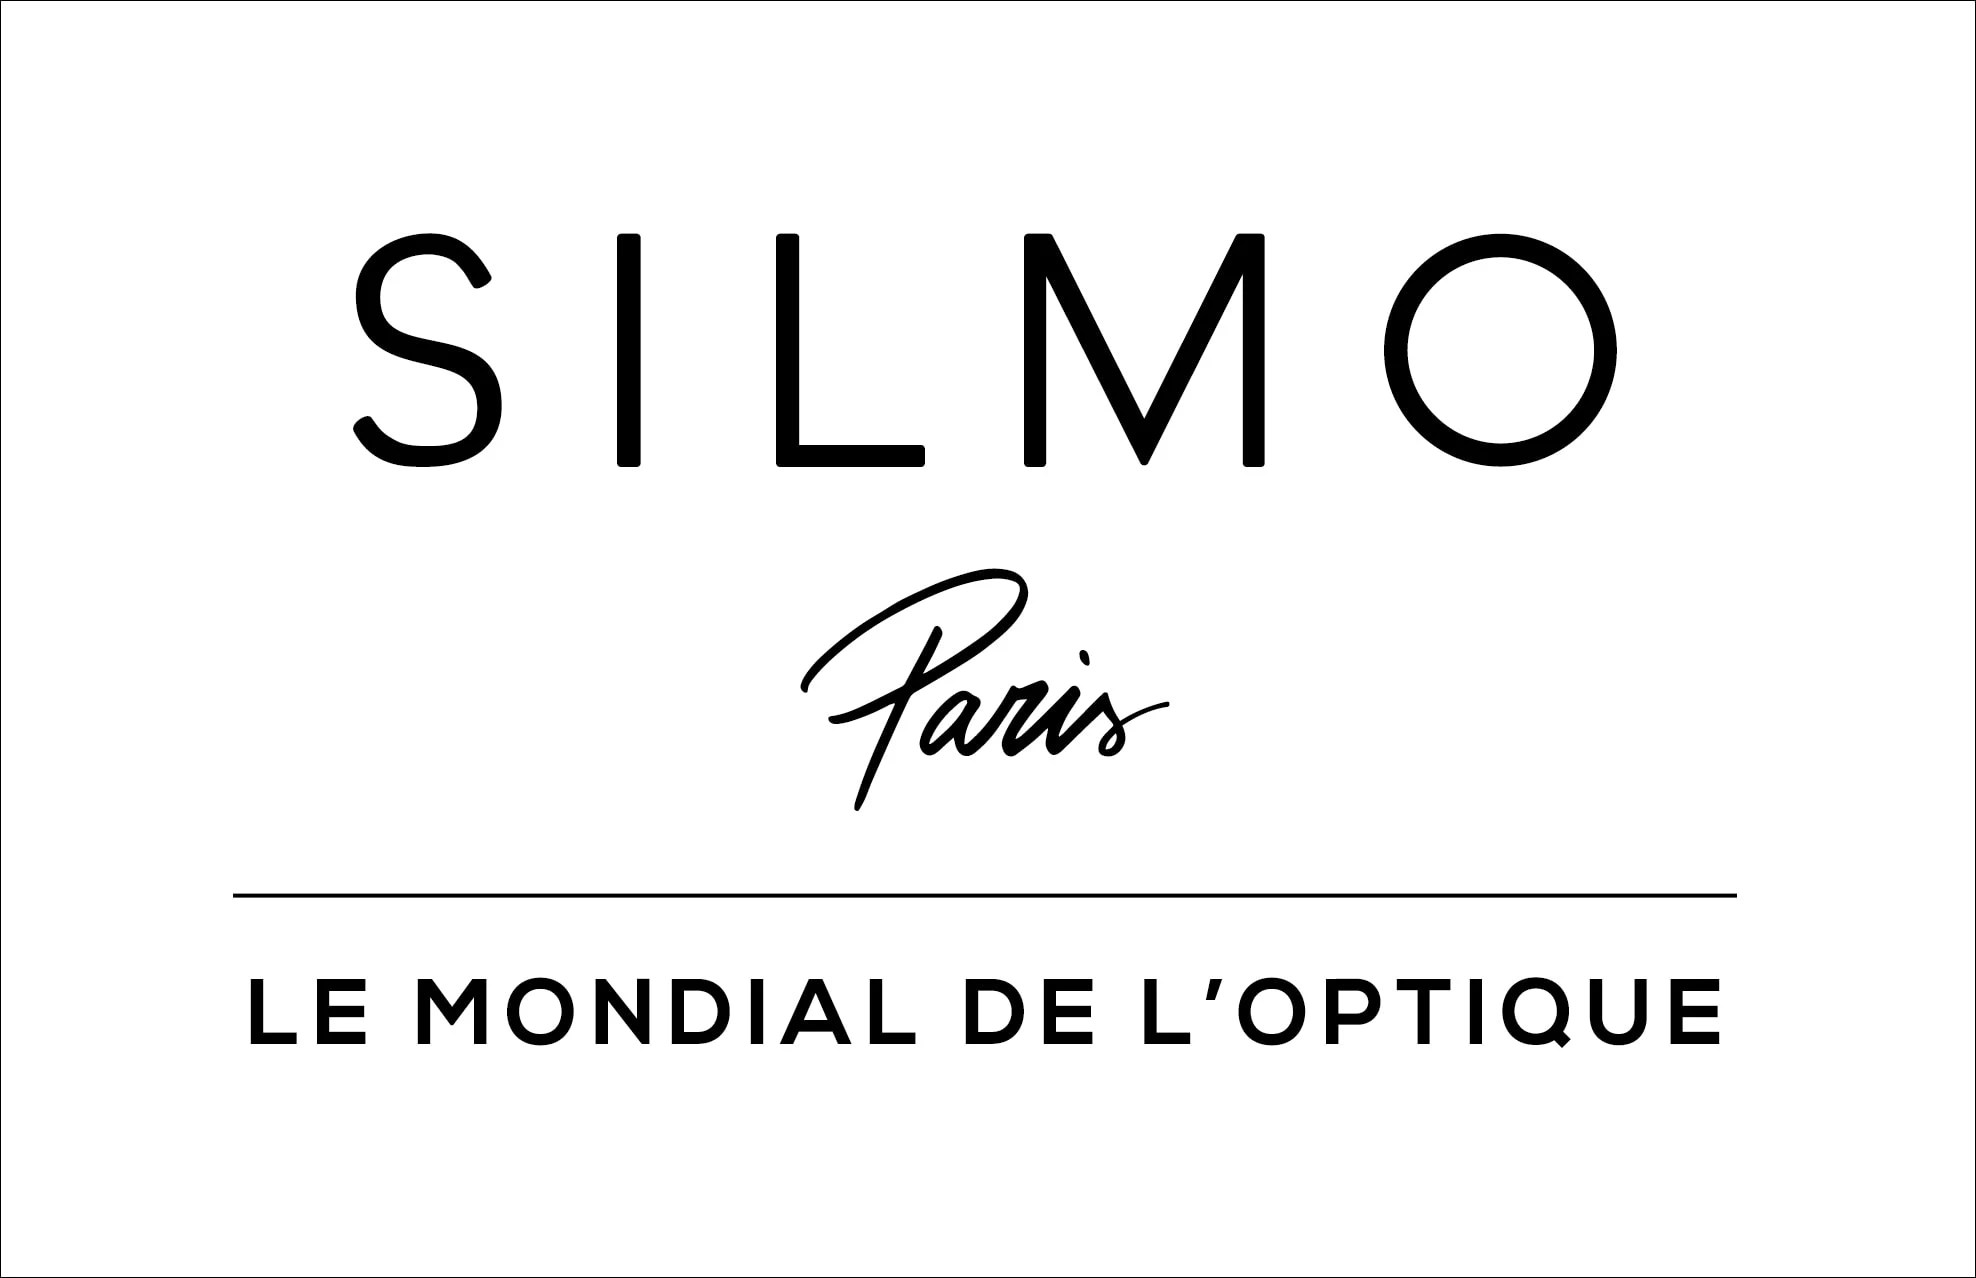 SILMO - Home